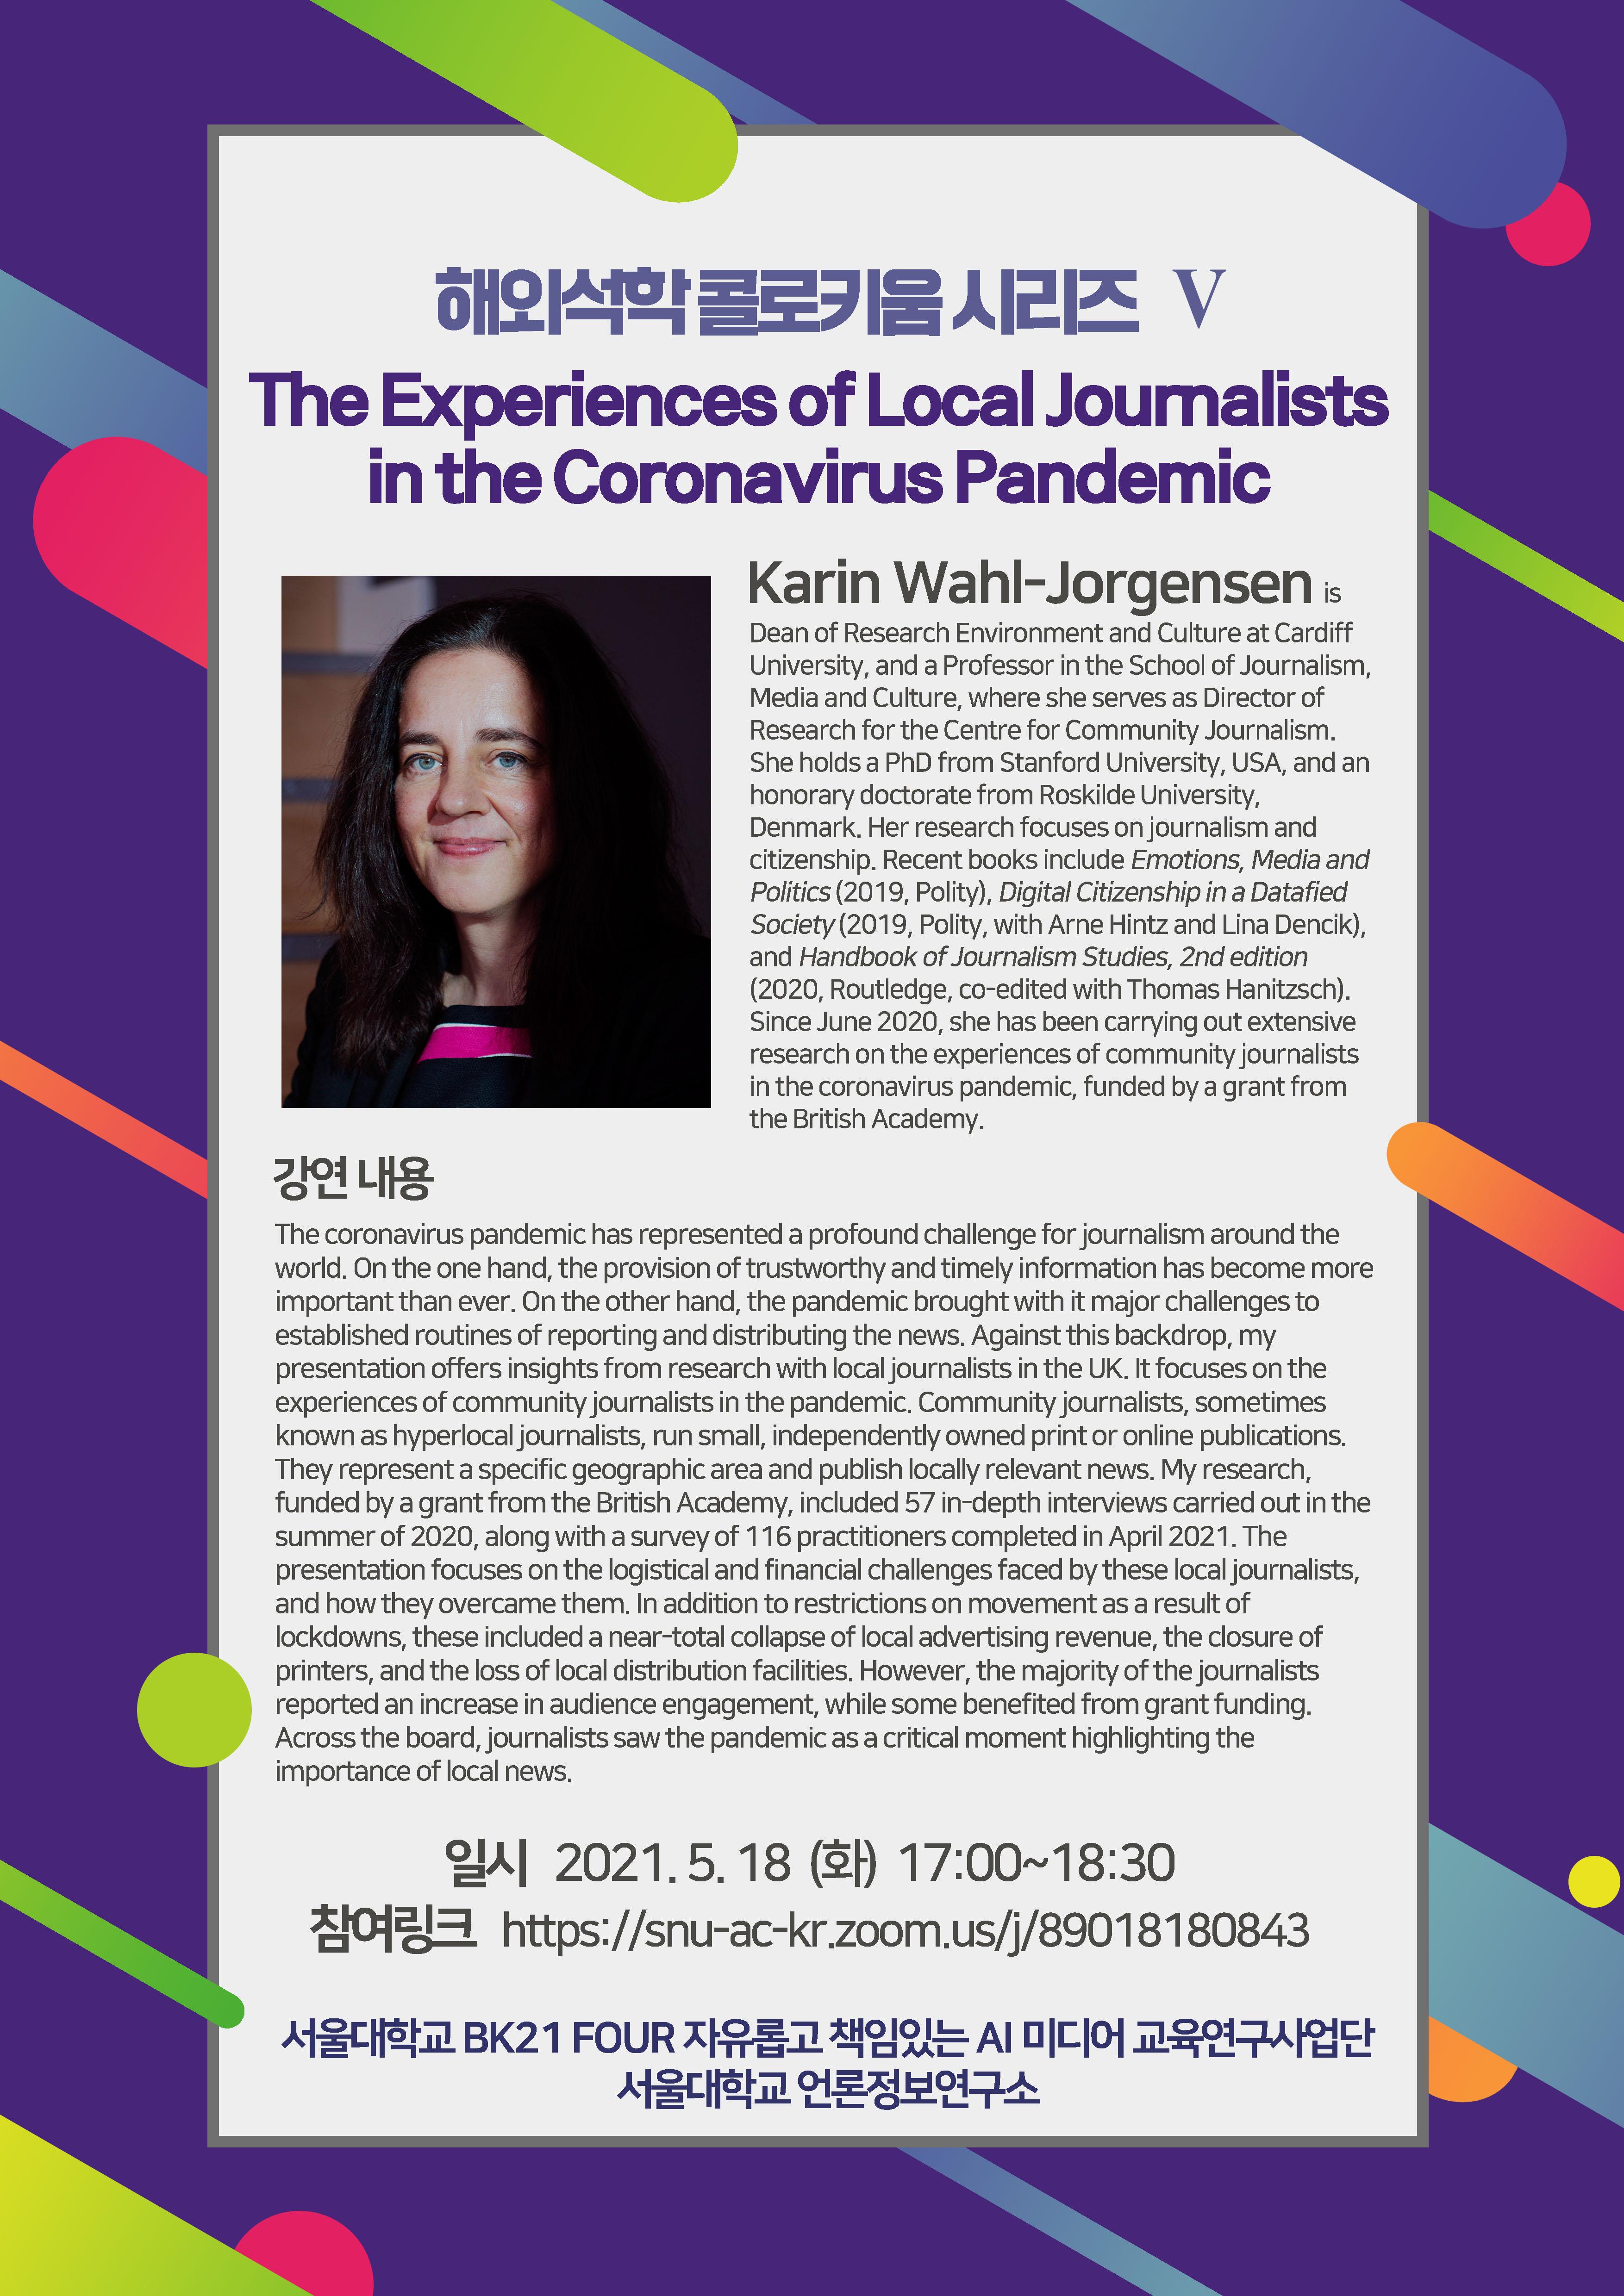 언론정보학 해외석학 콜로키움: 5/18 (화) &ltKarin Wahl-Jorgensen: The Experiences of Local Journalists in the Coronavirus Pandemic>